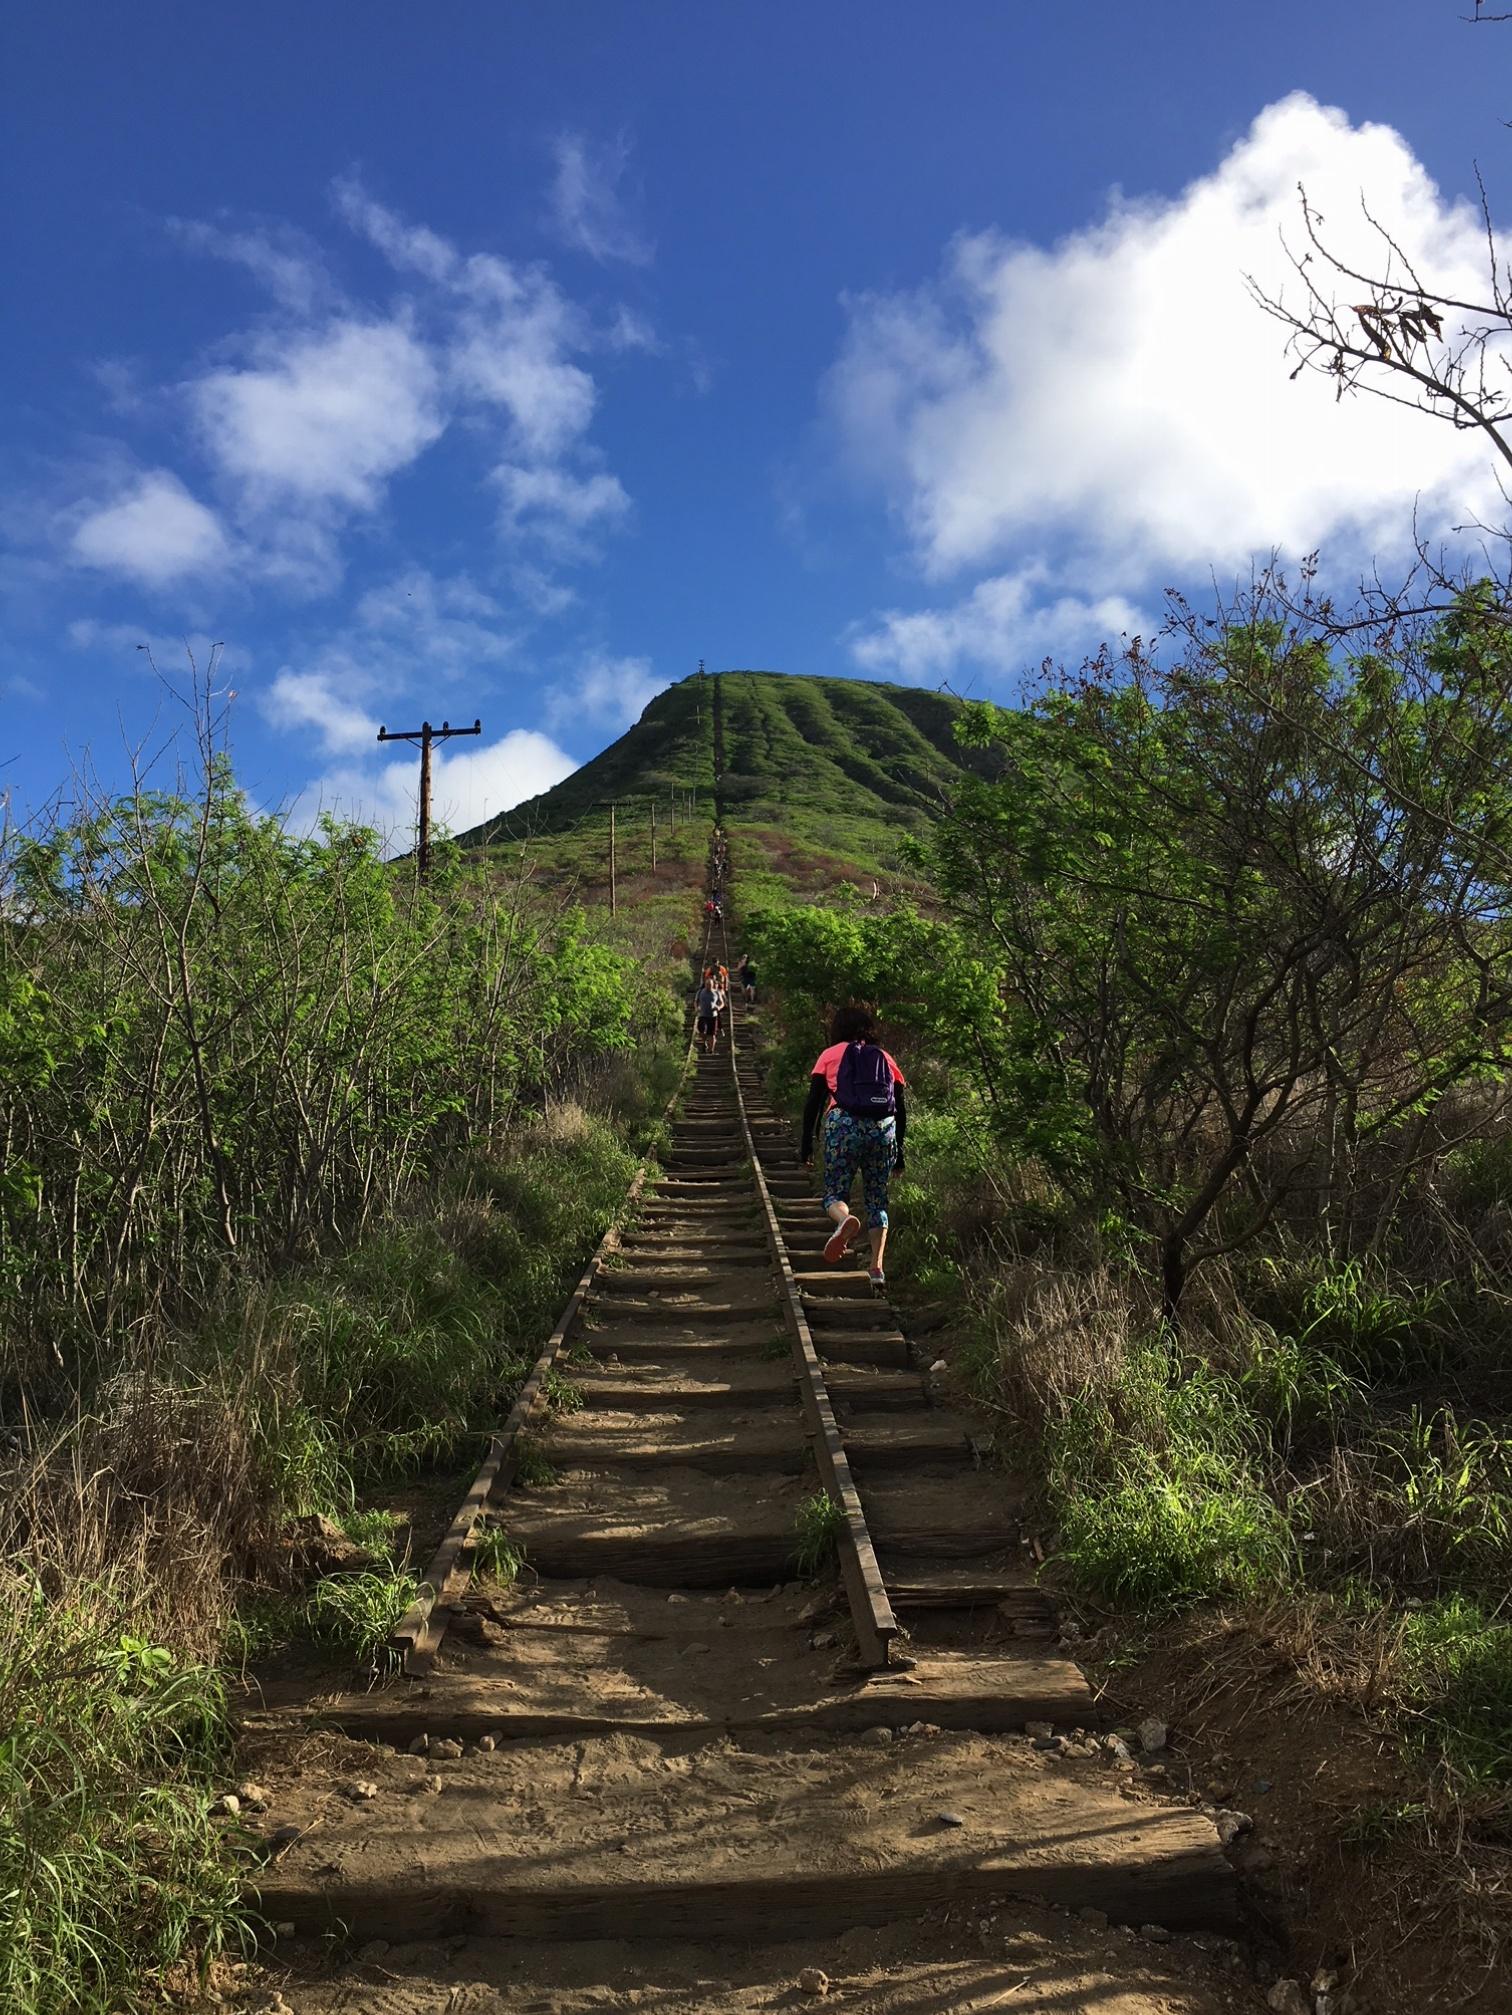 【ハワイ旅①】ダイヤモンドヘッドだけじゃない、ハワイのハイキング!キツい分それ以上の景色と感動が待っていました♡♡♡_3